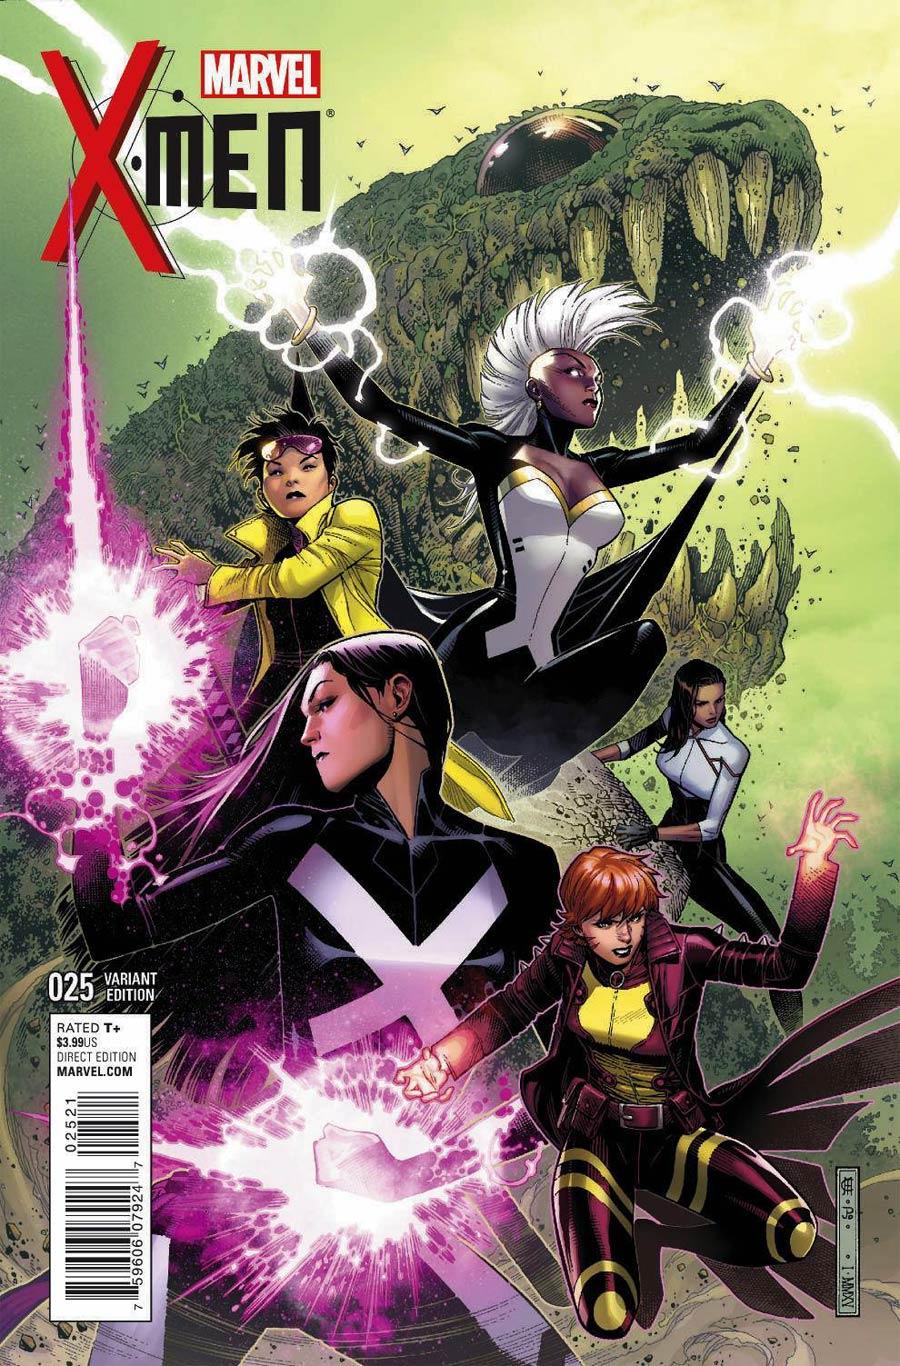 X-Men Vol 4 #25 Cover B Variant Jim Cheung Cover